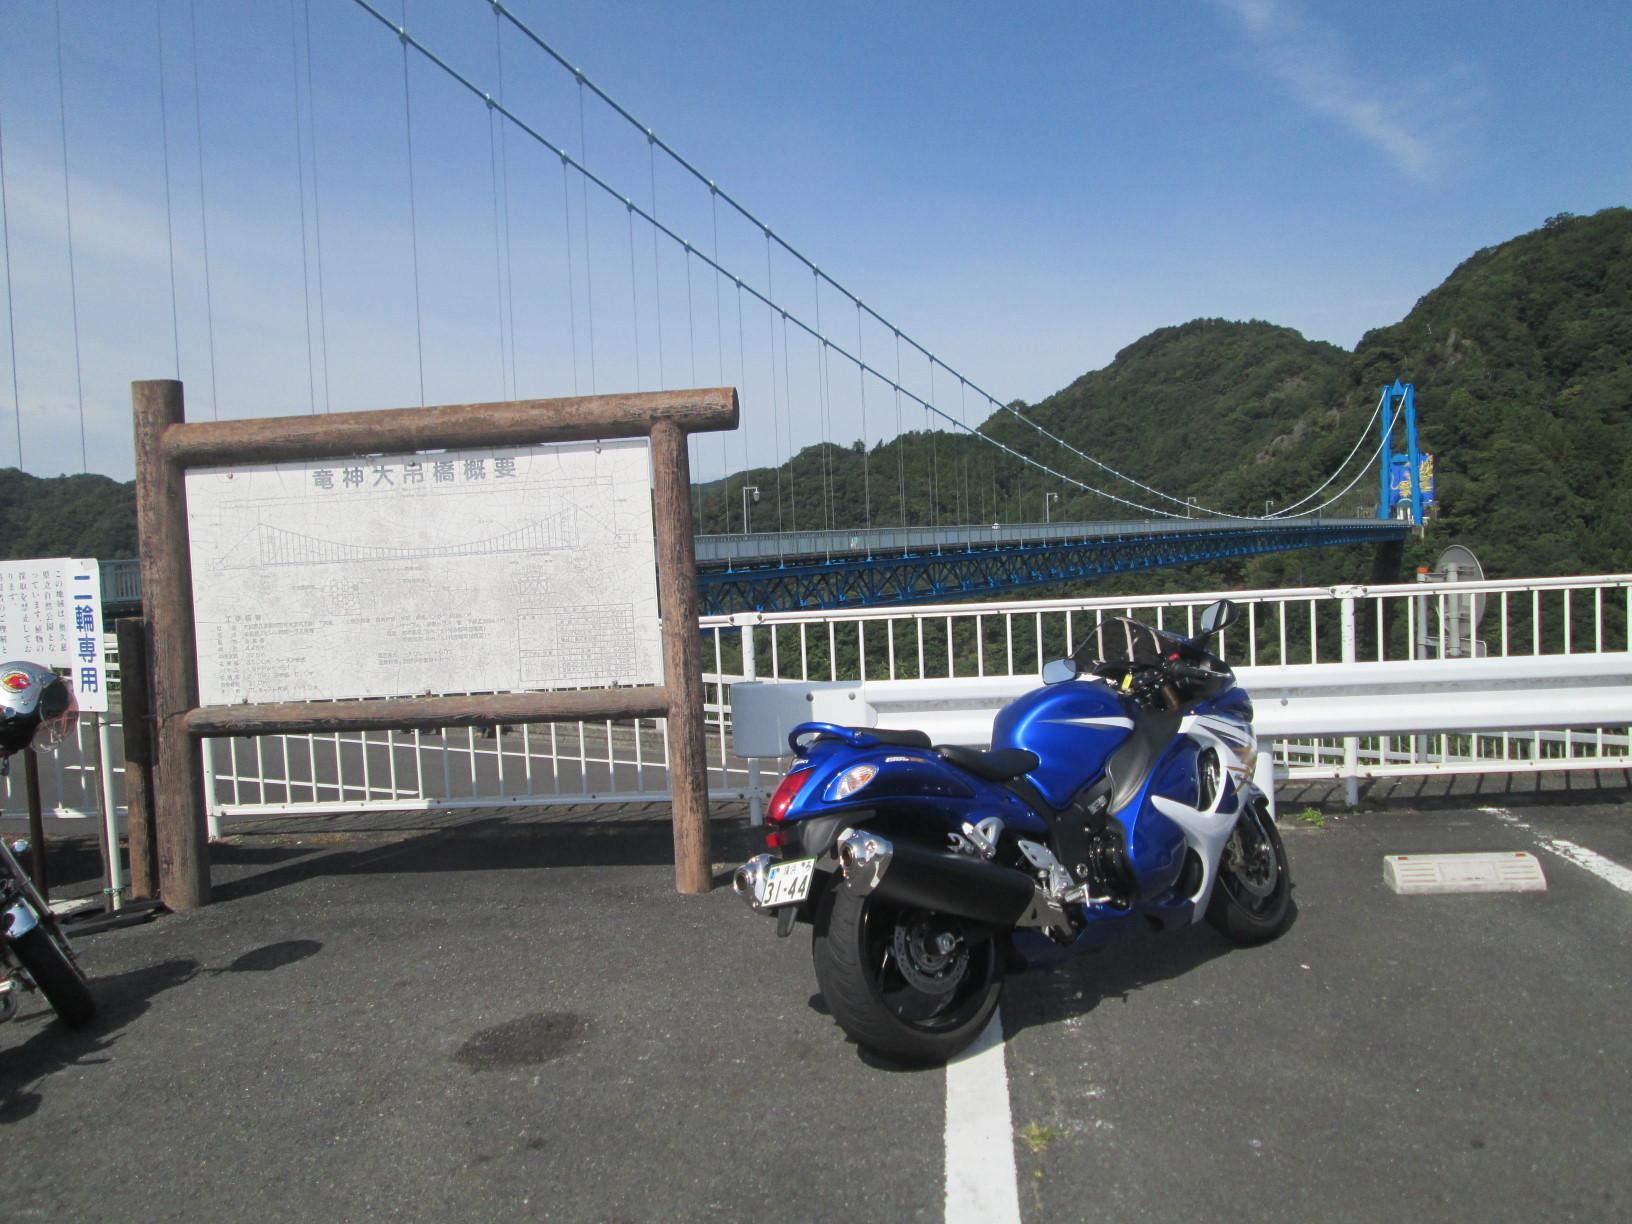 竜神大吊橋をバックに。空と橋脚と単車の青がマッチして良い。